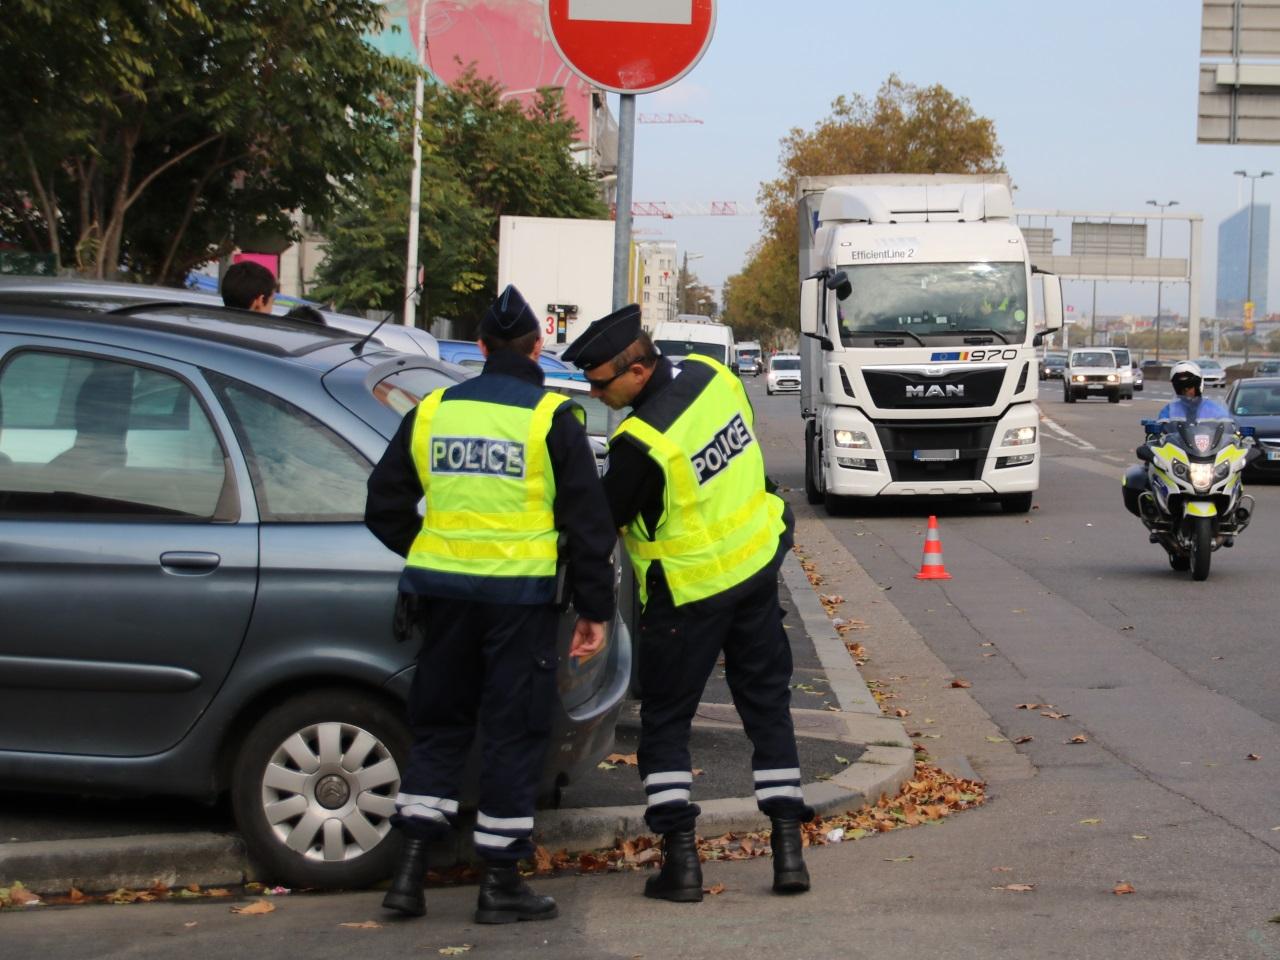 Beaujolais Il Force Un Barrage De Police Pensant Que C